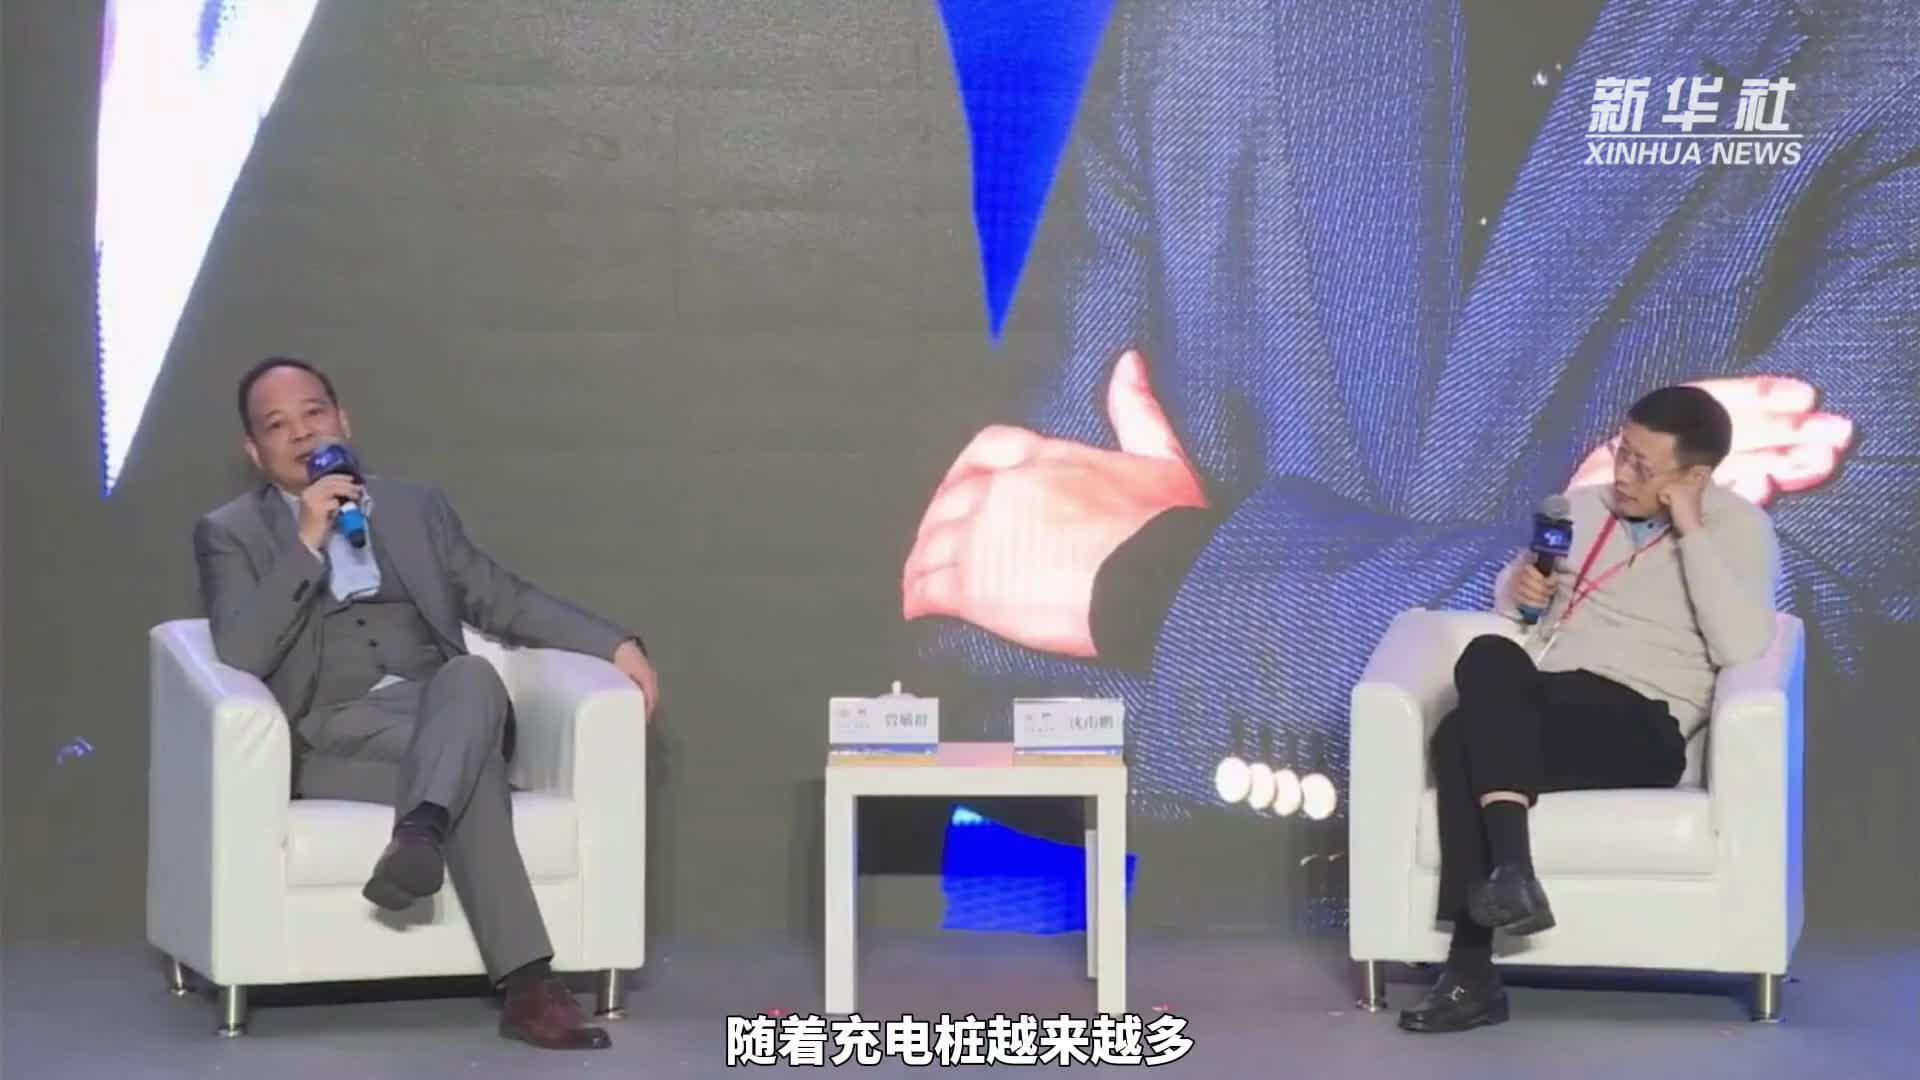 沈南鹏对话宁德时代曾毓群,未来全球车企只剩10家,7家在中国